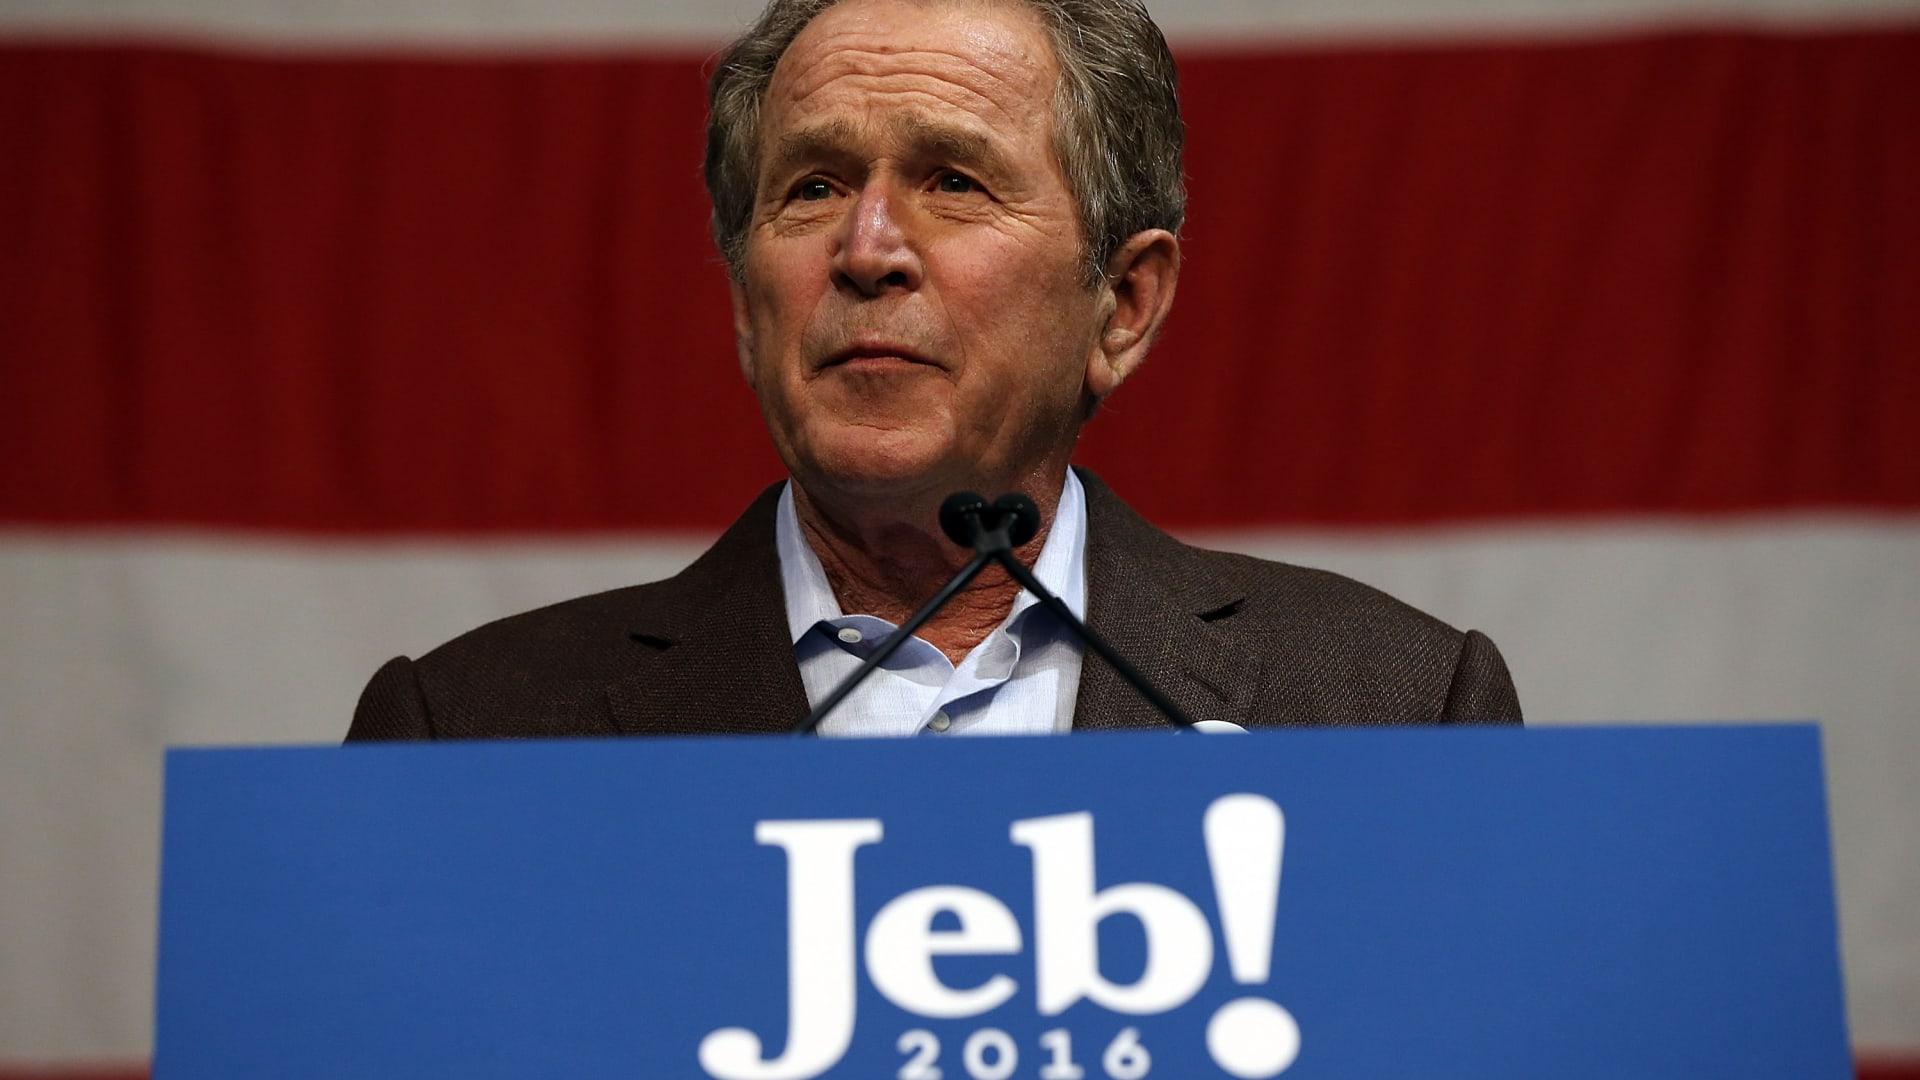 جورج بوش الابن ينتقد ترامب بطريقة غير مباشرة ويدعم أخاه في حملته الانتخابية